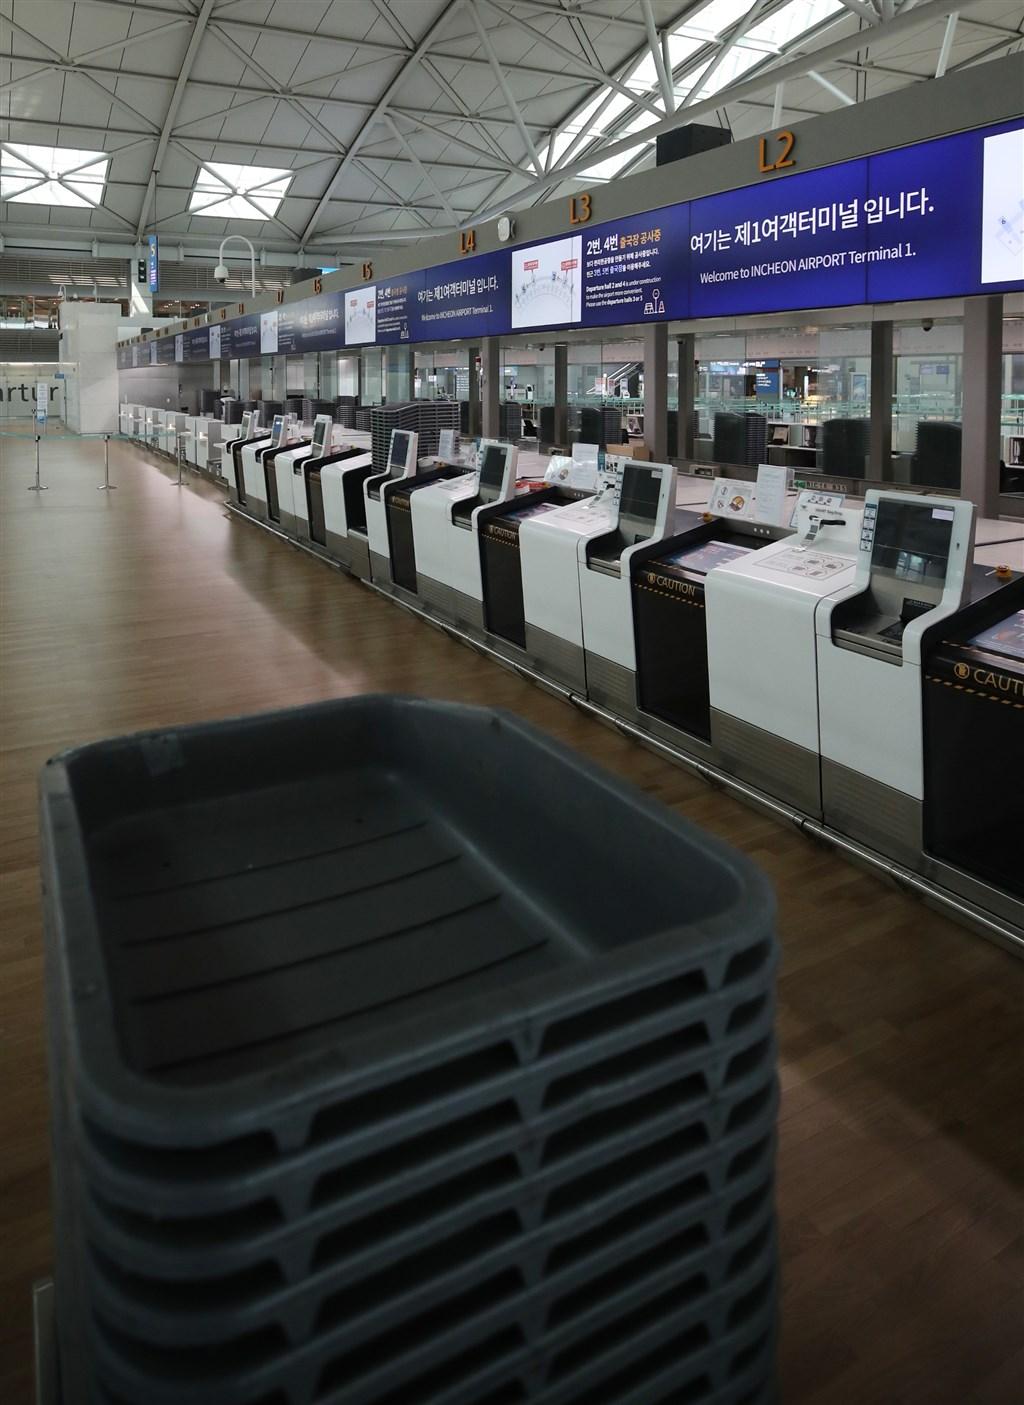 韓國政府9日宣布自13日起暫時取消90國的短期免簽入境待遇。圖為9日韓國仁川機場出境大廳空無一人。(韓聯社提供)